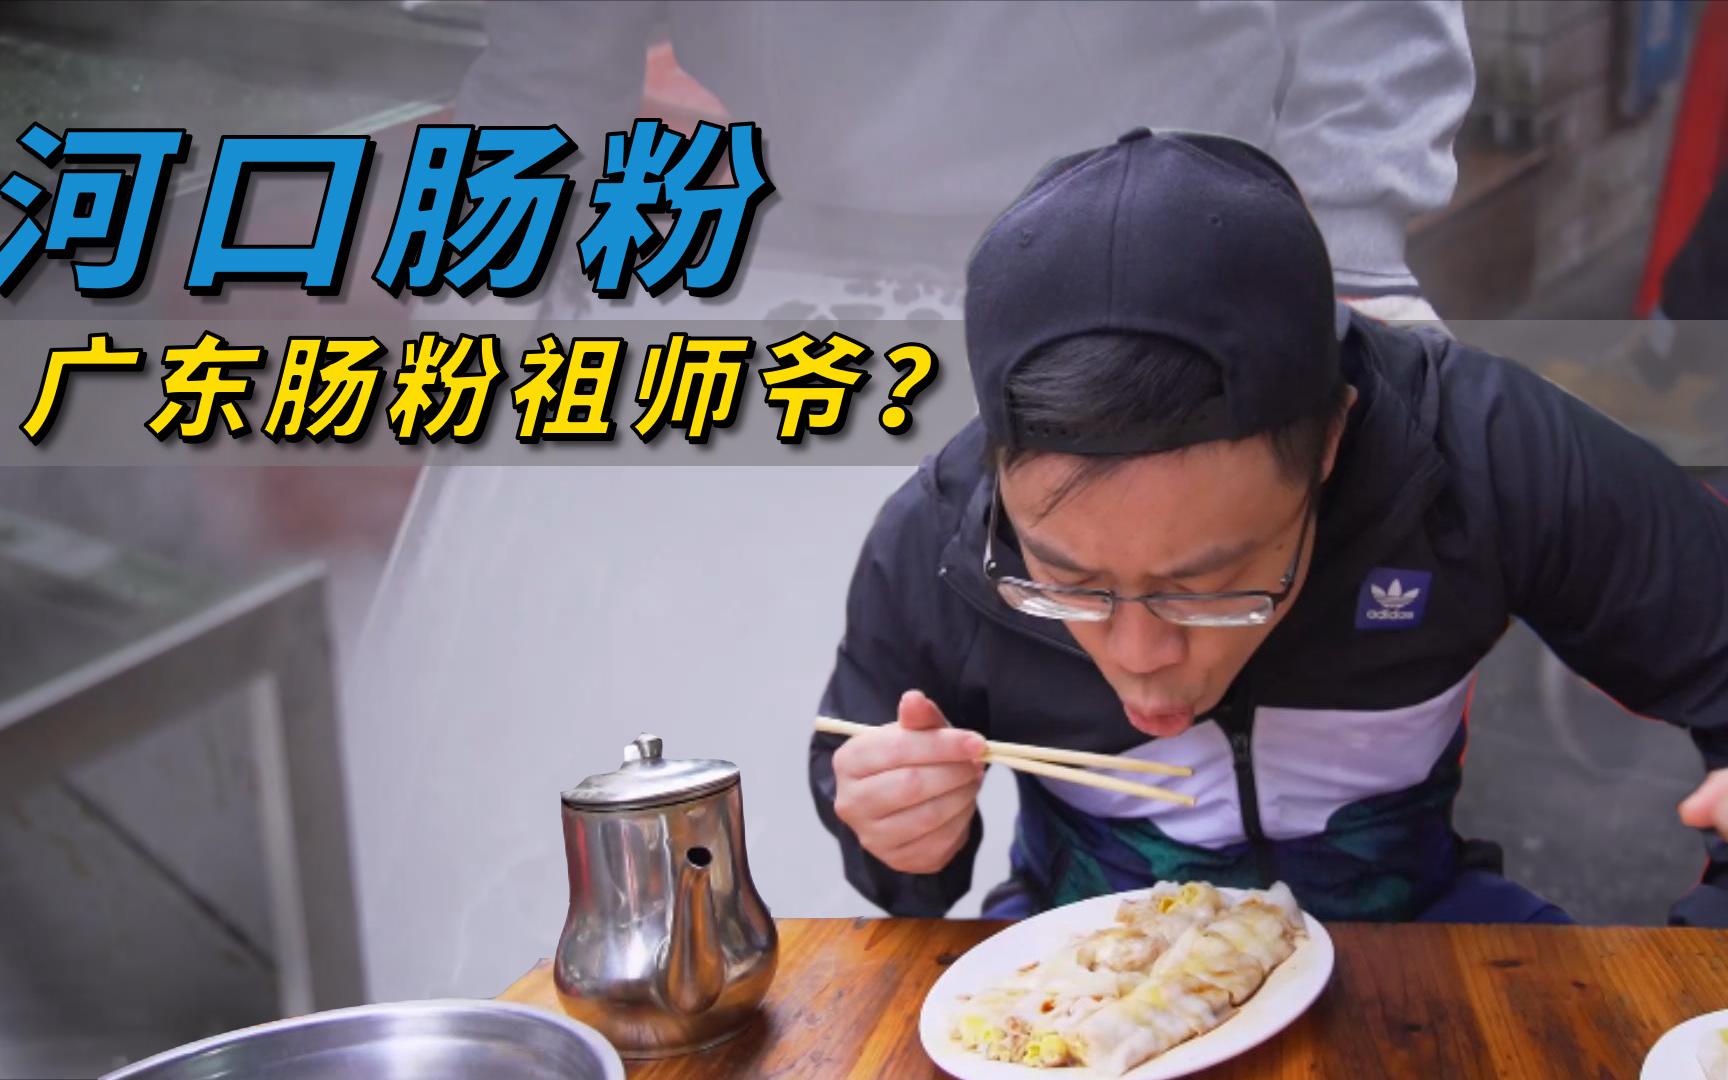 据说云浮肠粉是广东所有肠粉的祖师爷?!所以早上5点起来去吃也很值得呀!(为什么我会想笑呢?)